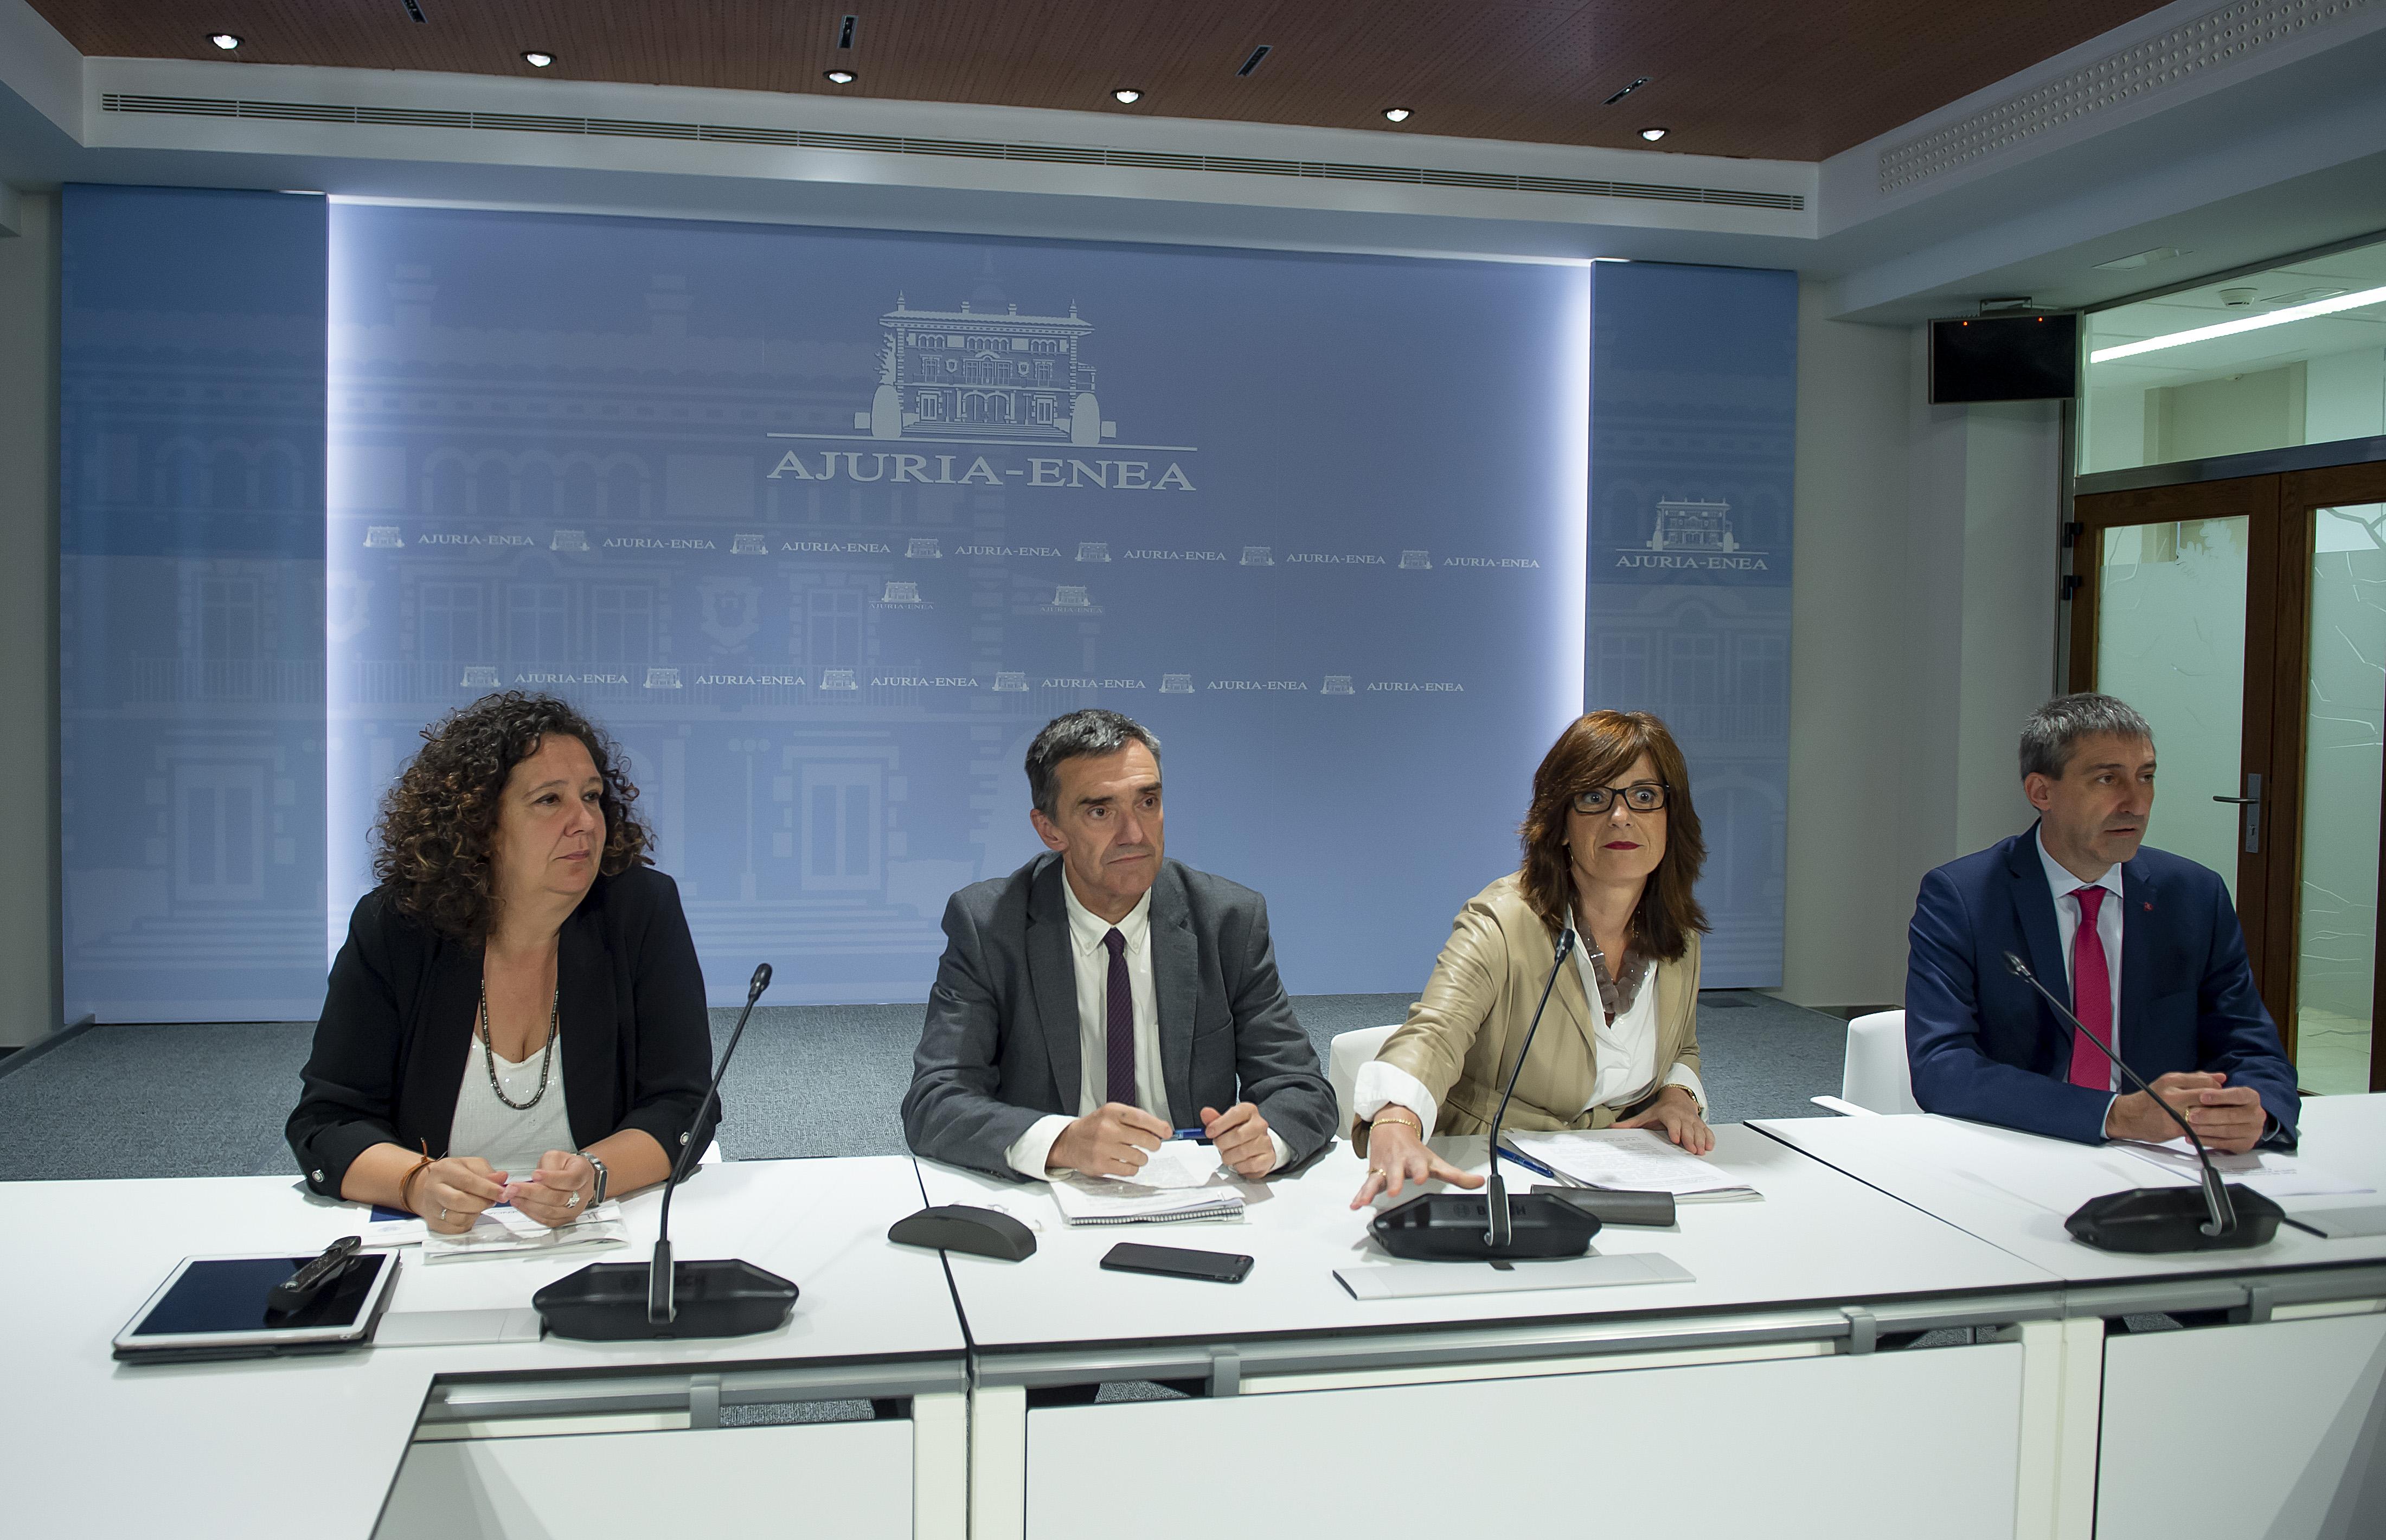 El Gobierno Vasco presenta el Plan de Contingencia 2019 para la atención humanitaria a migrantes que llegan en tránsito a Euskadi